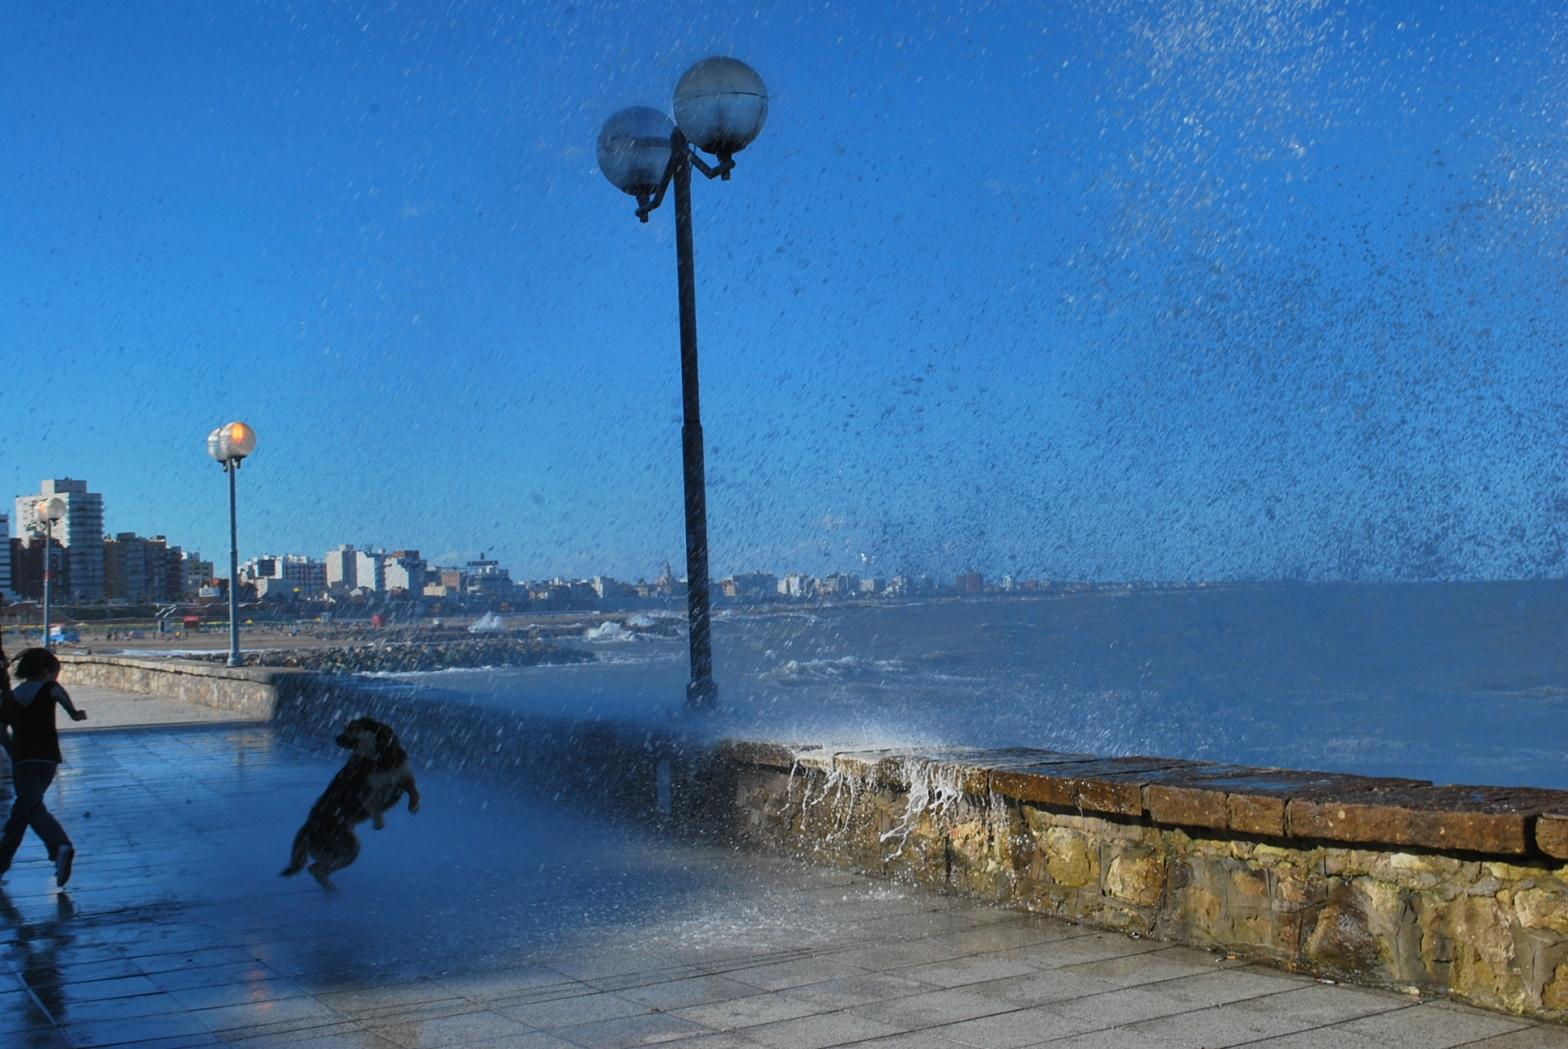 Un día caminando por la playa, un niño saltaba junto a un perro las olas que llegaban.